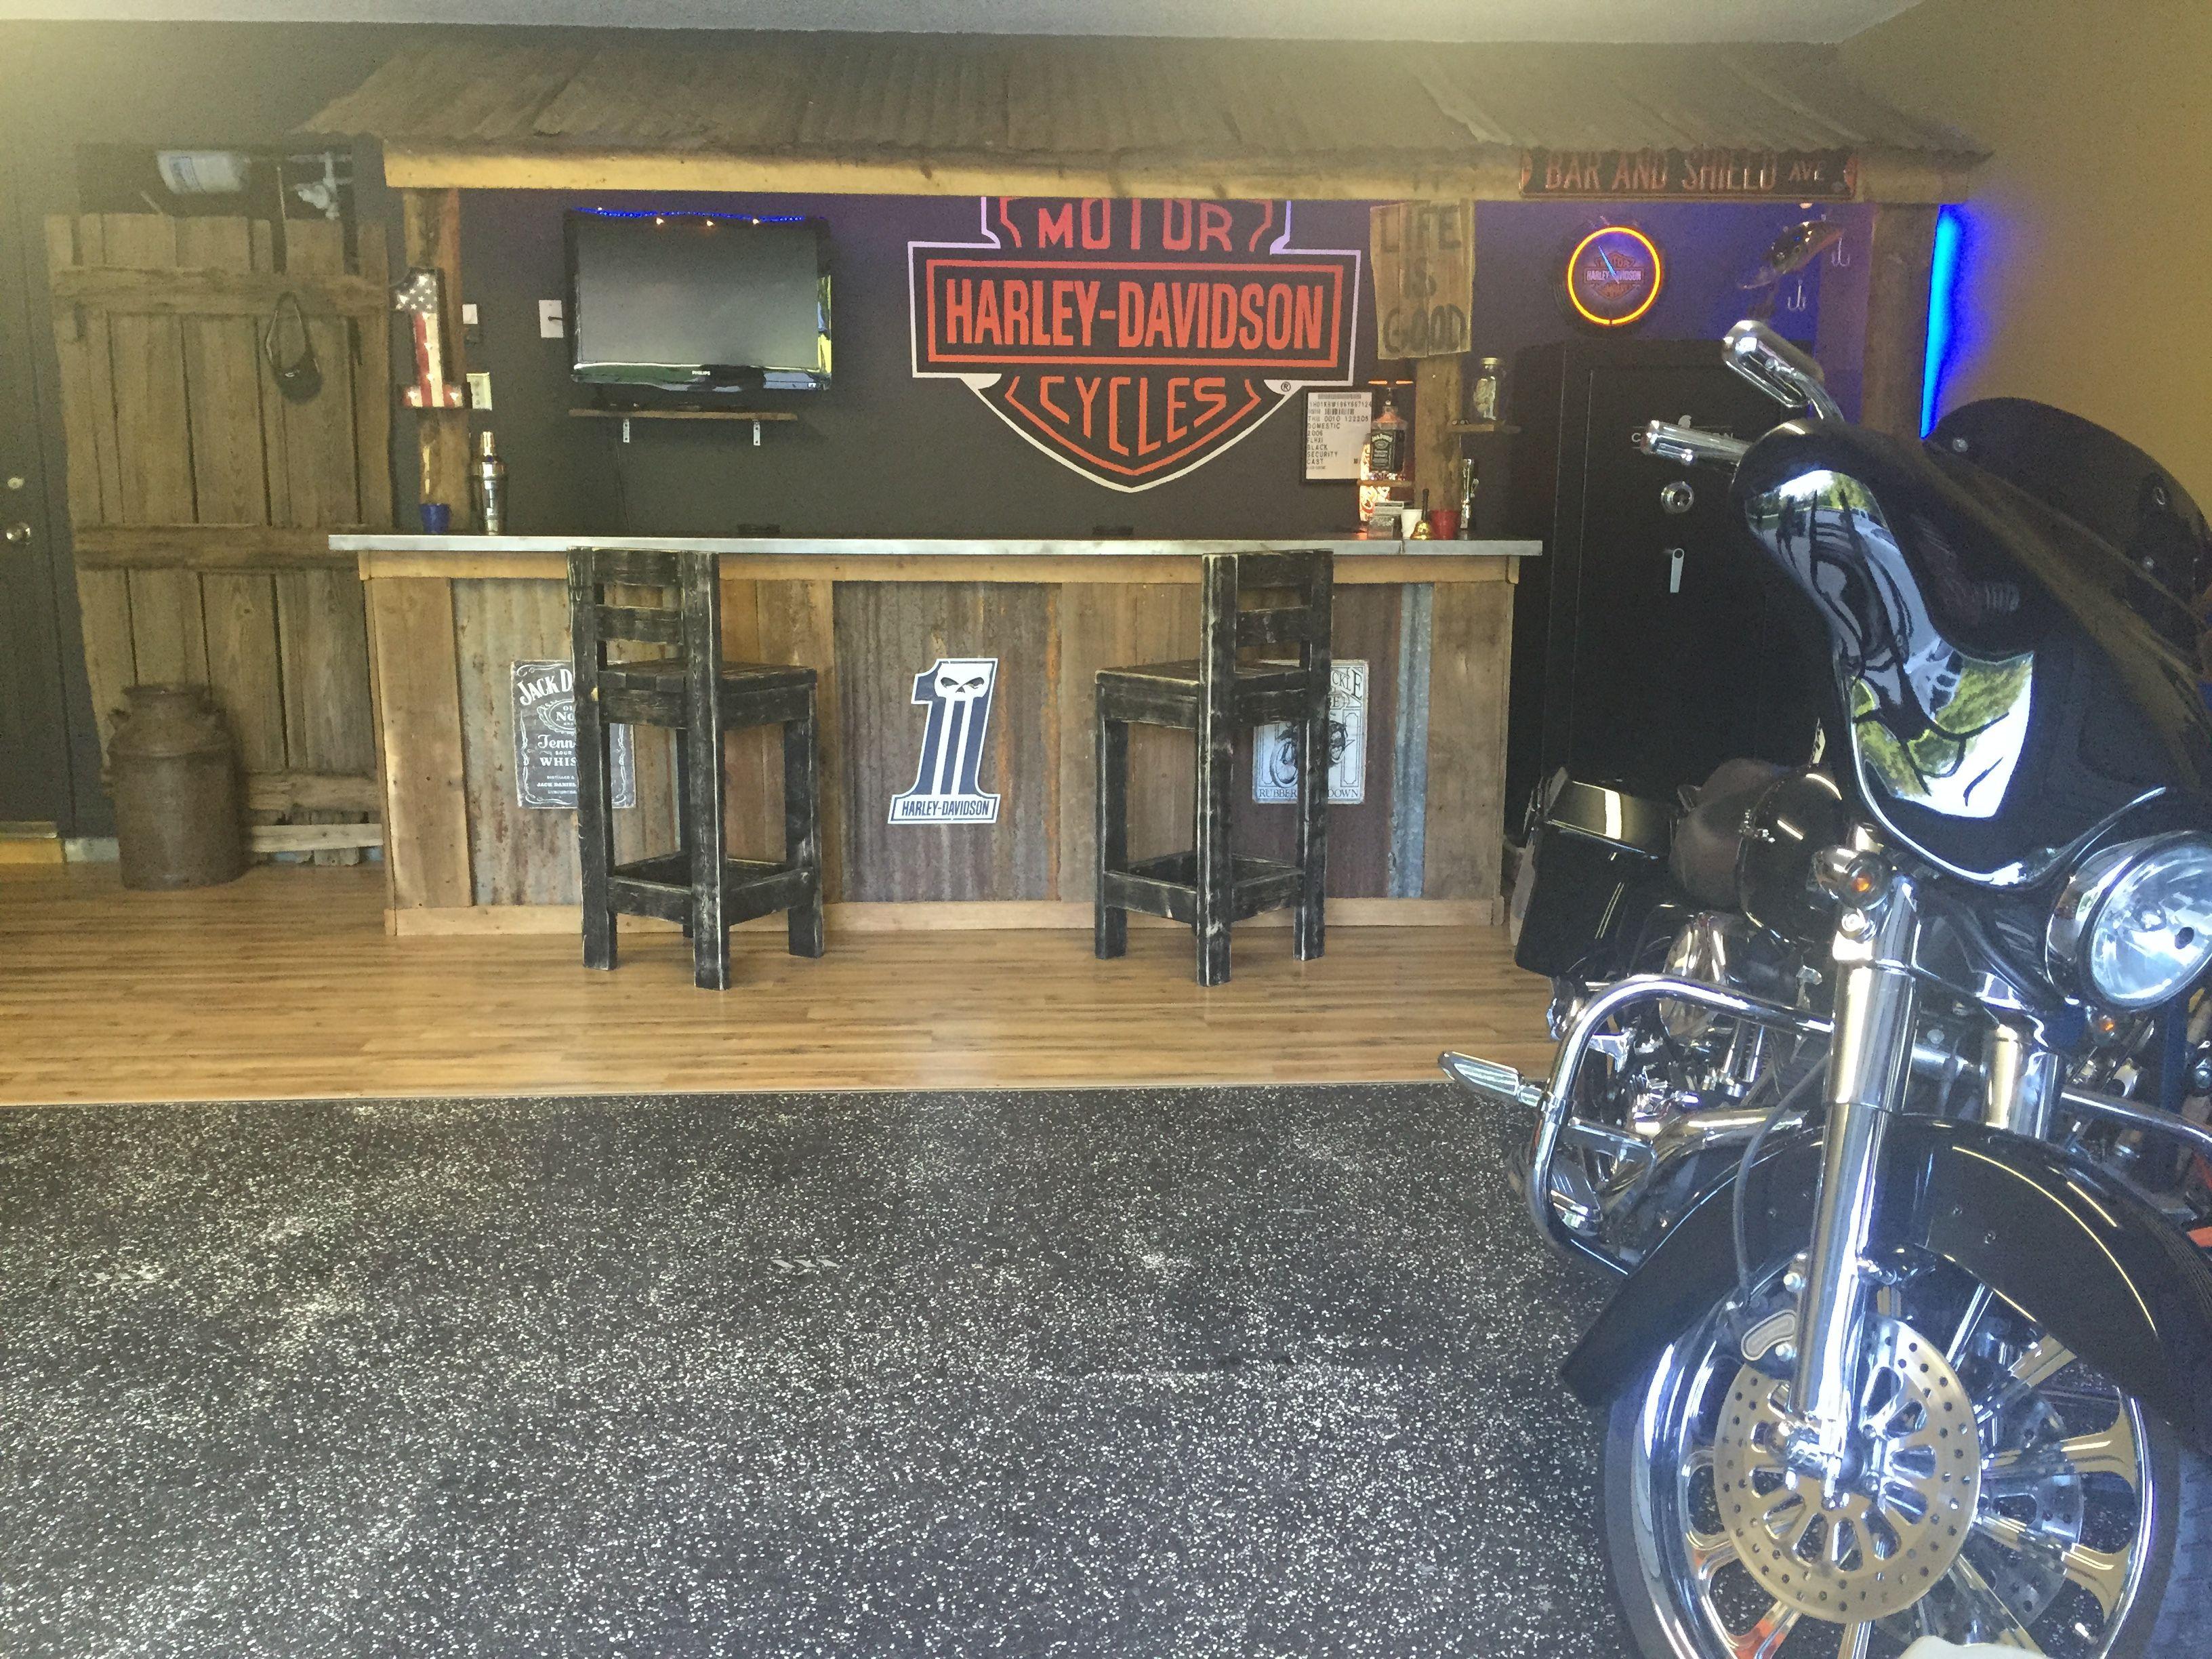 Man Cave Ideas Harley Davidson : Garage bar man cave basement bars rustic harley davidson